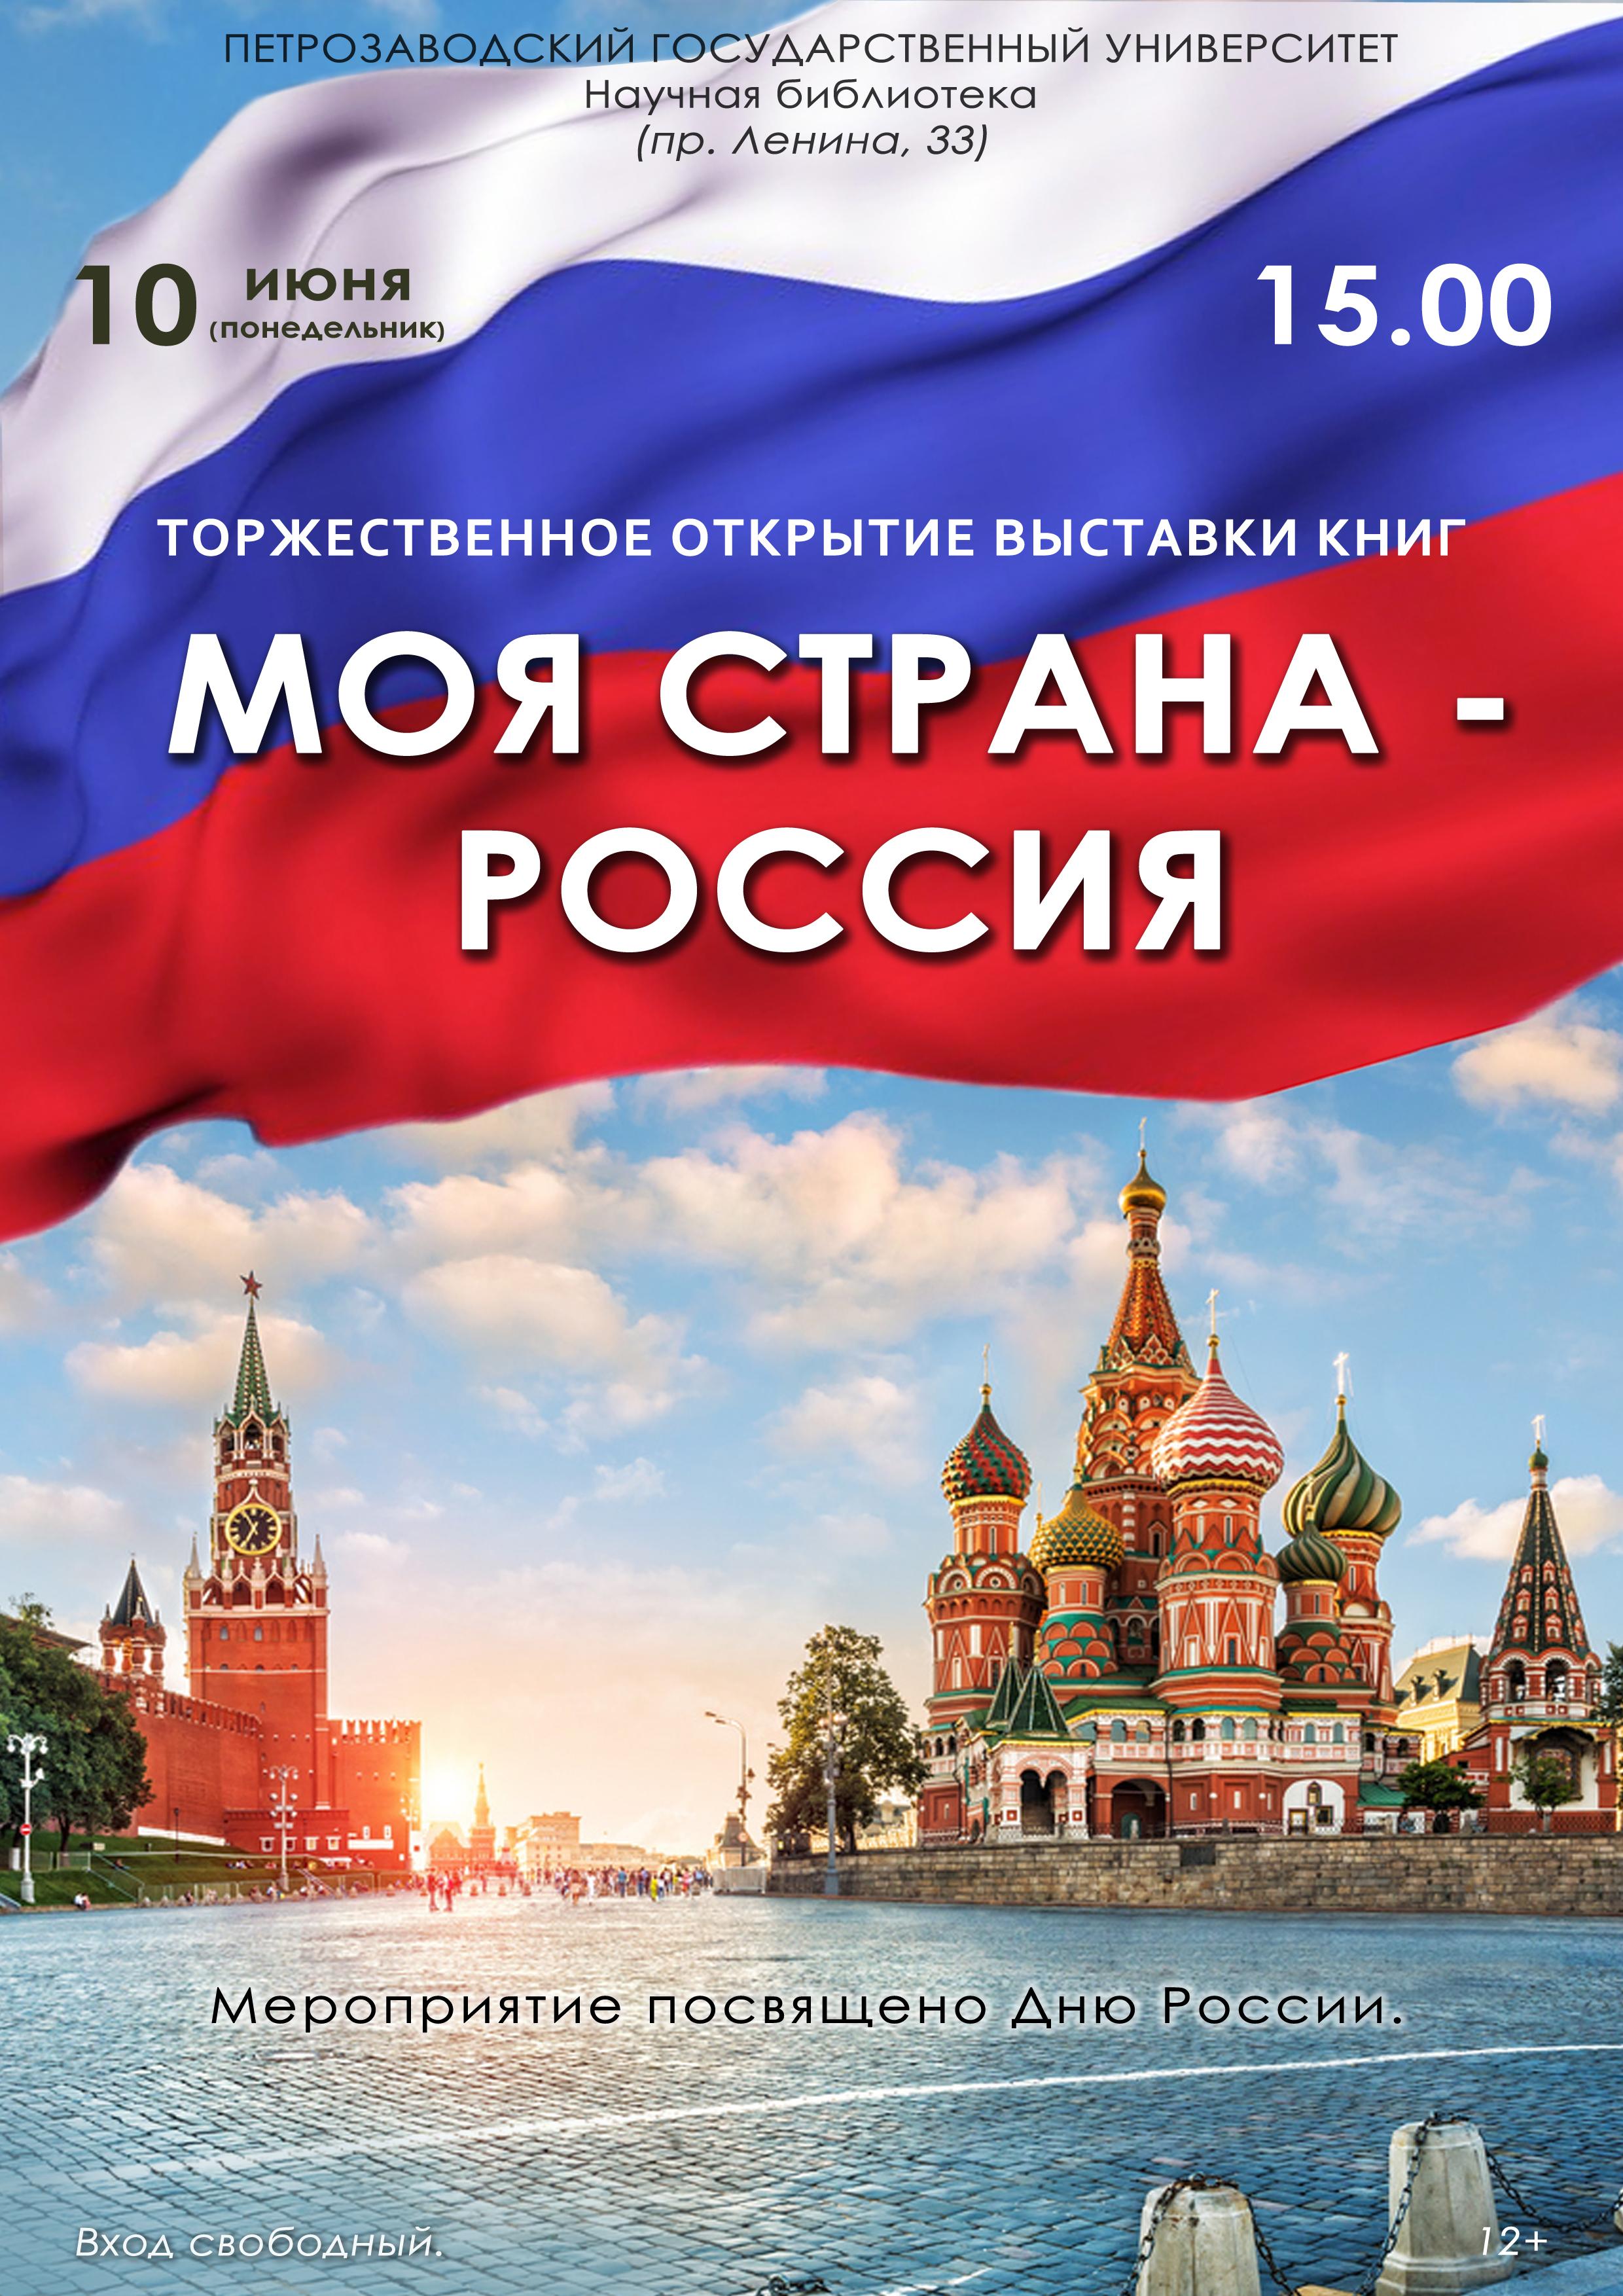 Мой адрес россия картинки